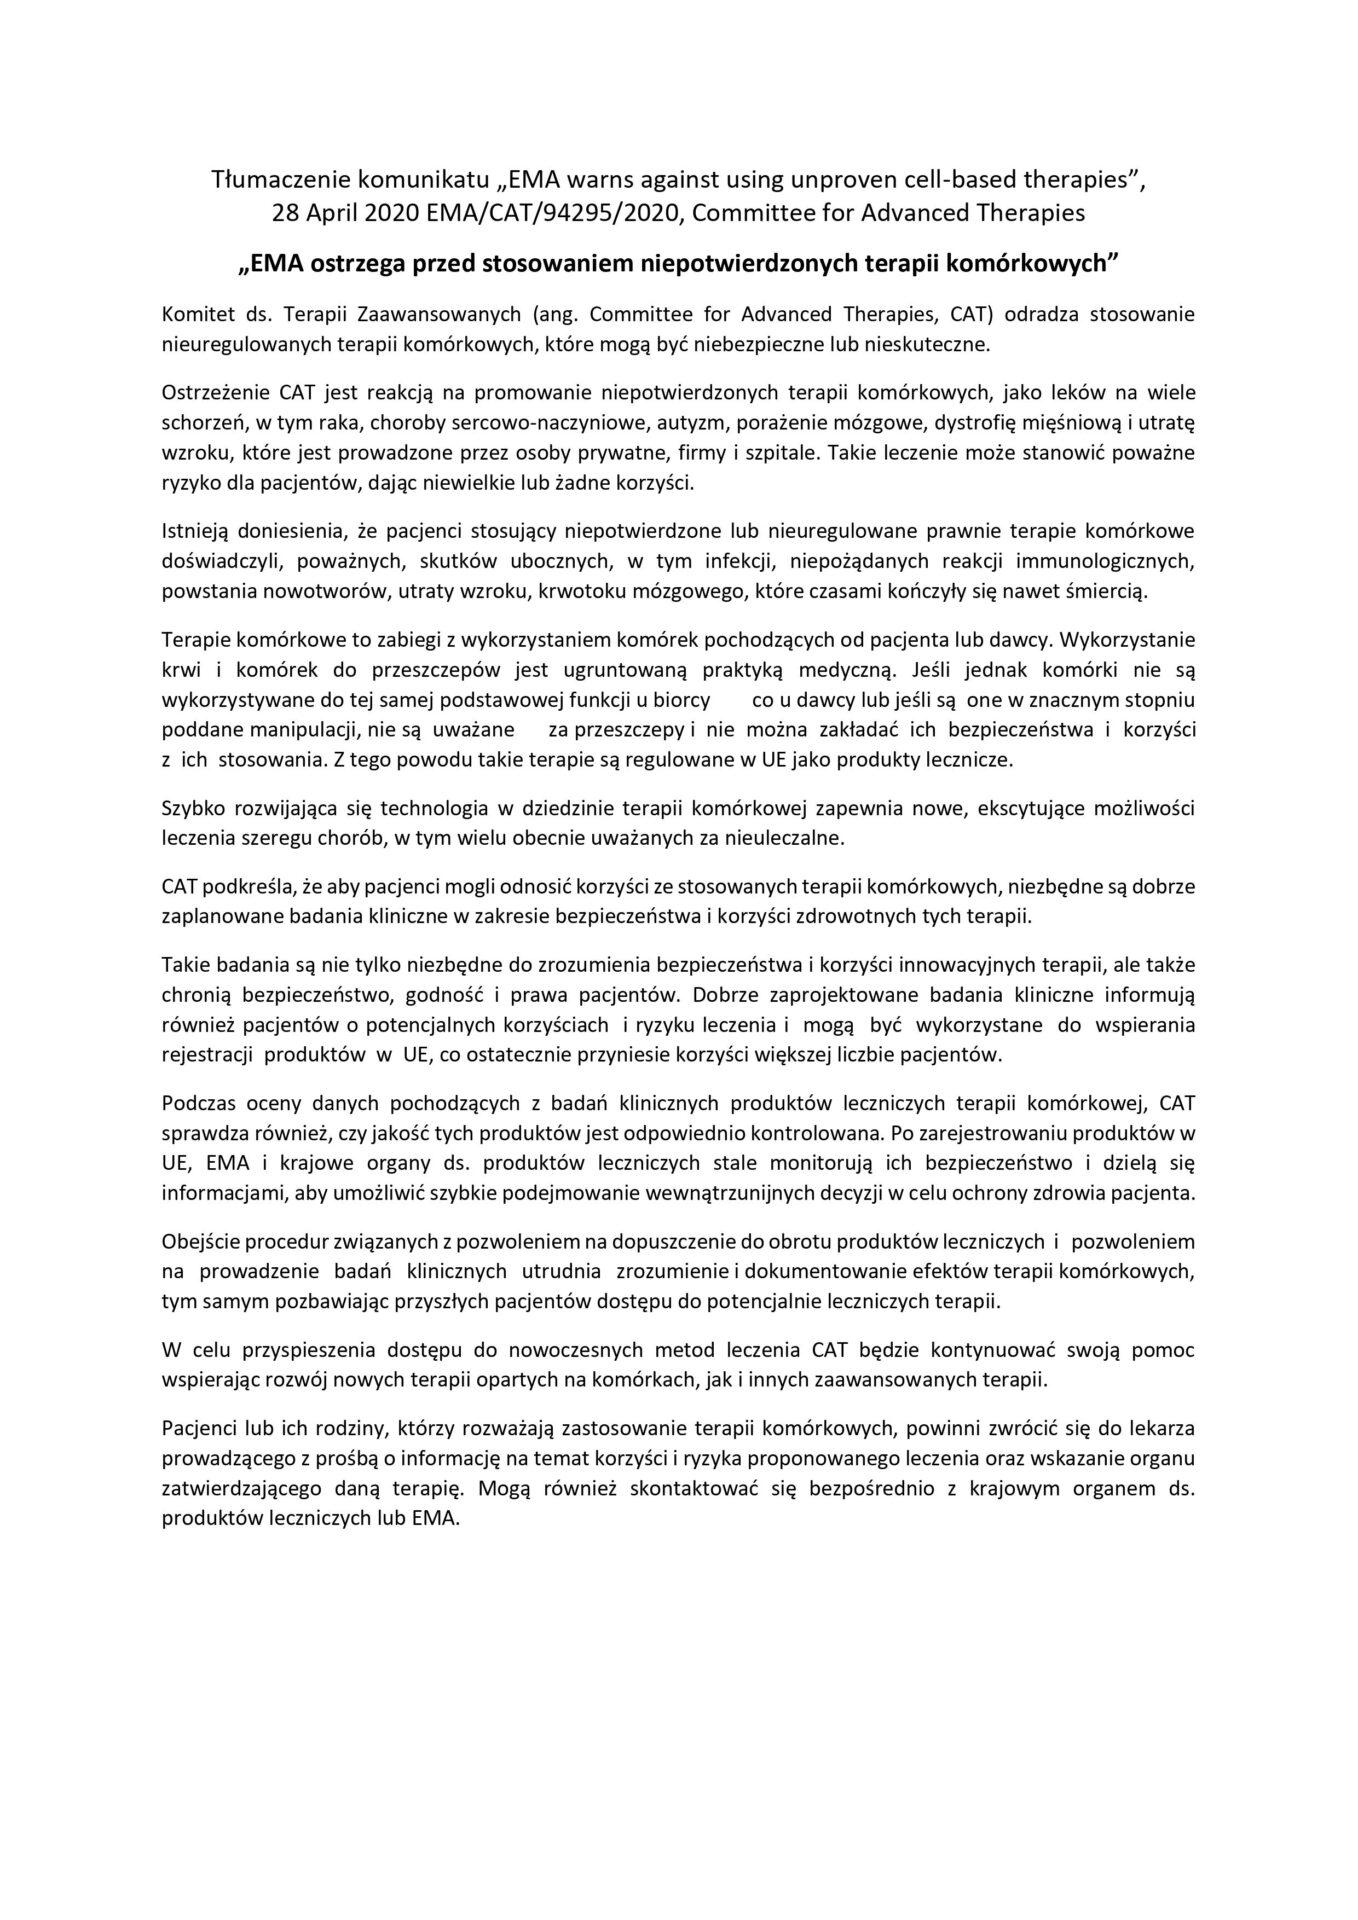 Tłumaczenie_komunikatu_EMA_z_dnia_28_kwietnia_2020_r